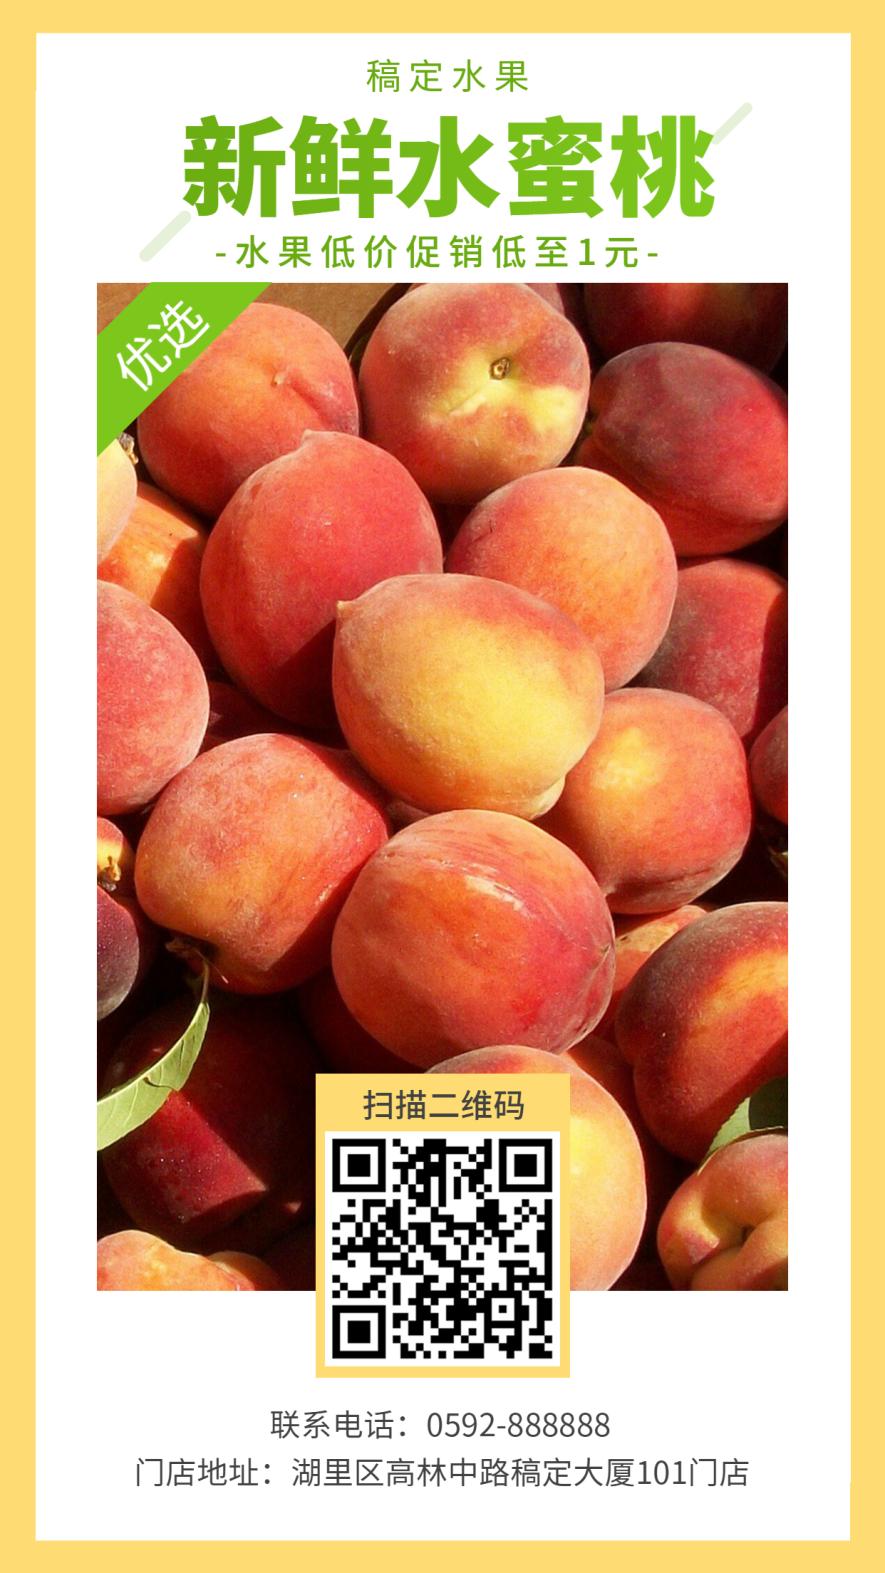 水果店/手机海报